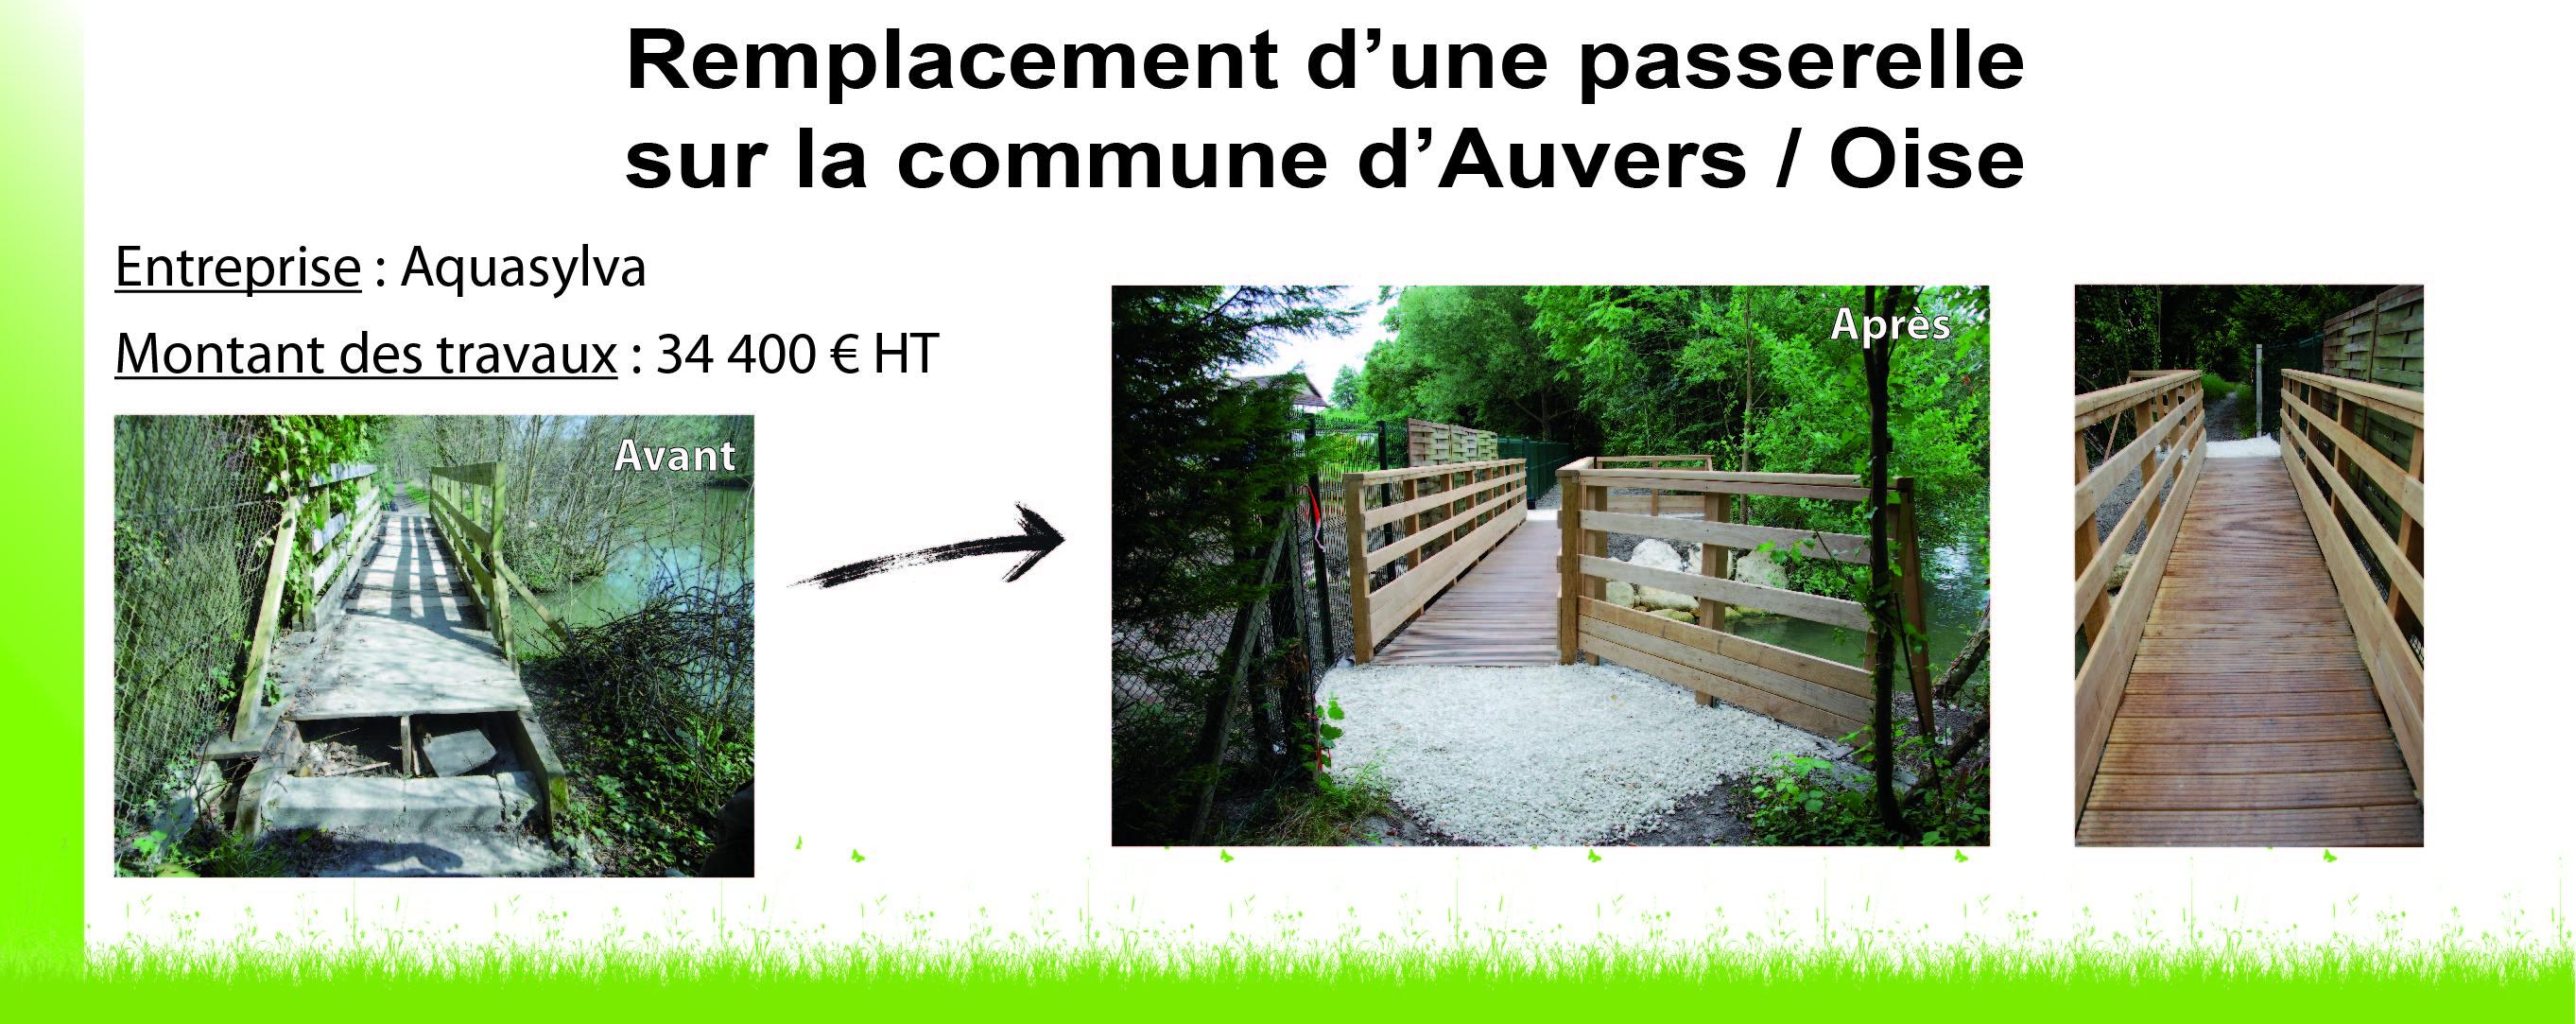 Remplacement d'une passerelle à Auvers sur Oise